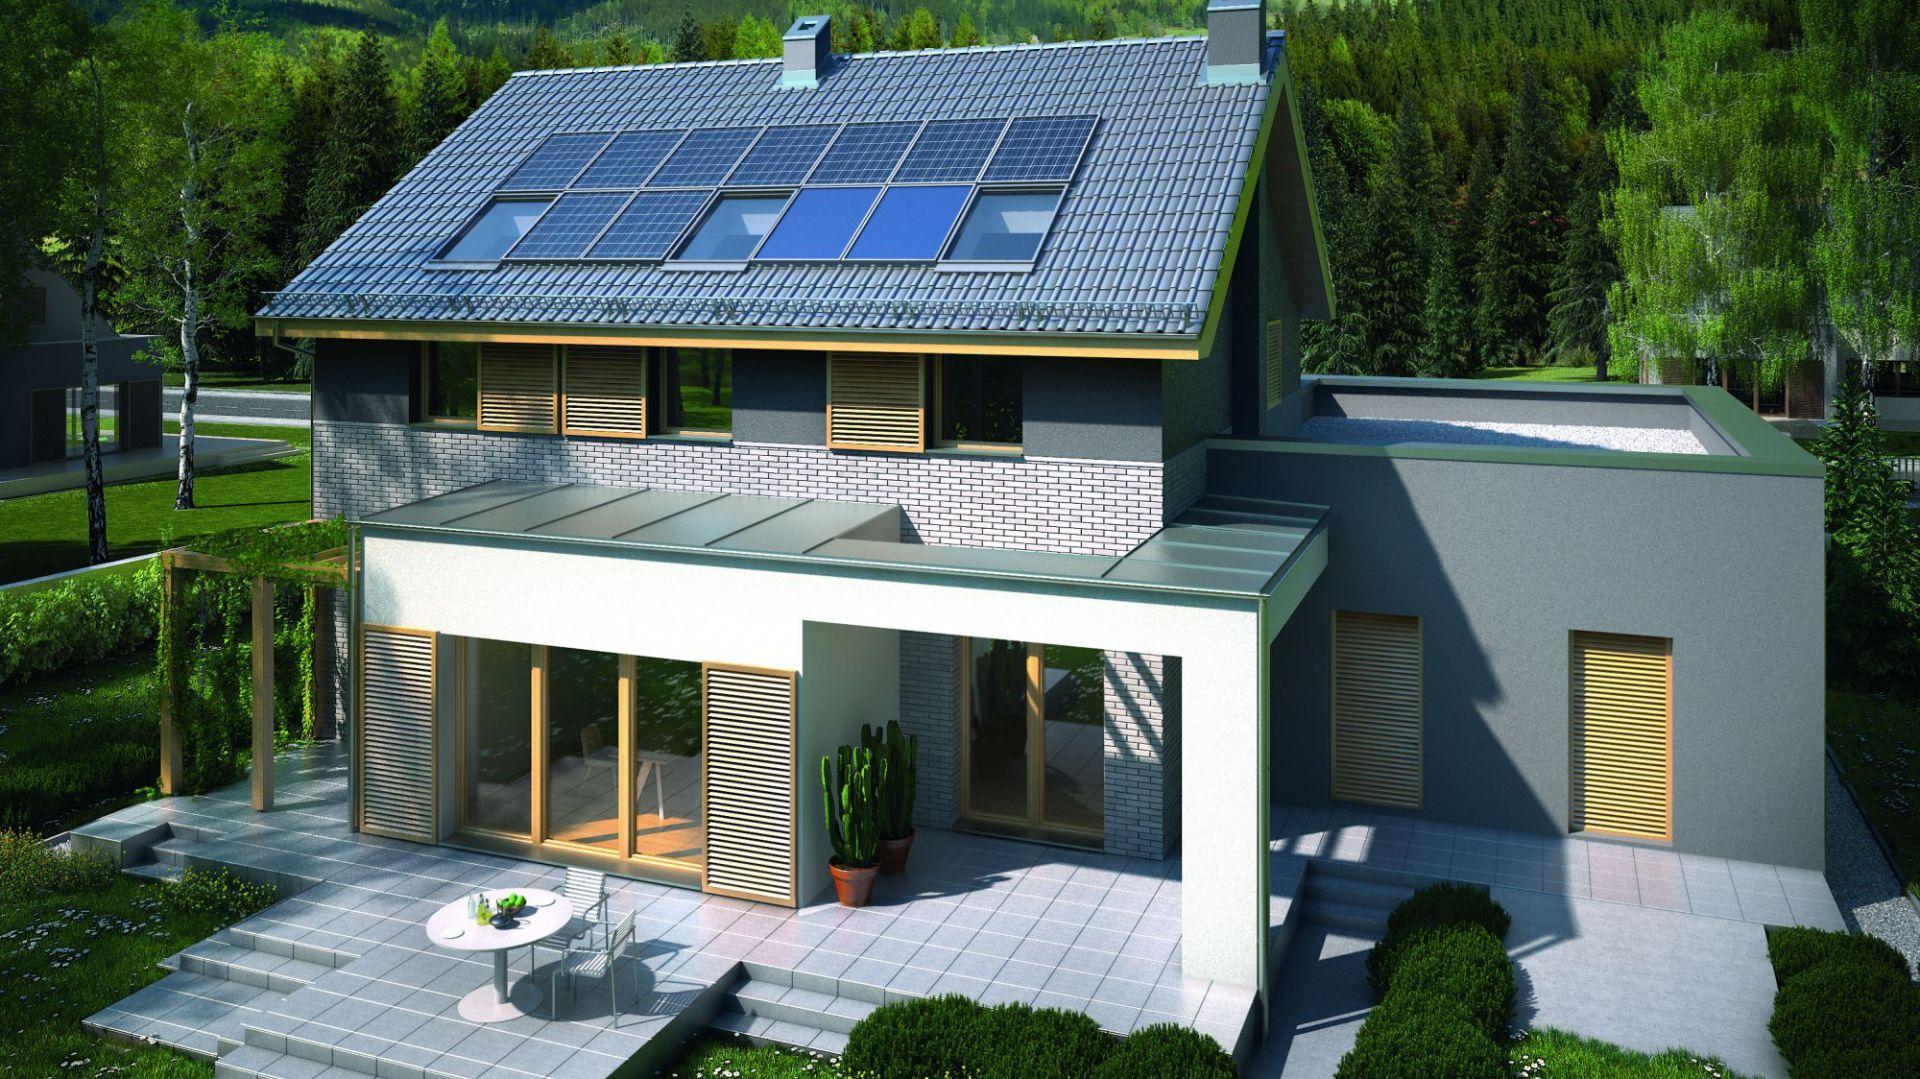 Kolektory słoneczne i ogniwa fotowoltaiczne pozwalają pozyskiwać dużo energii ze słońca. Fot. Domy Czystej Energii